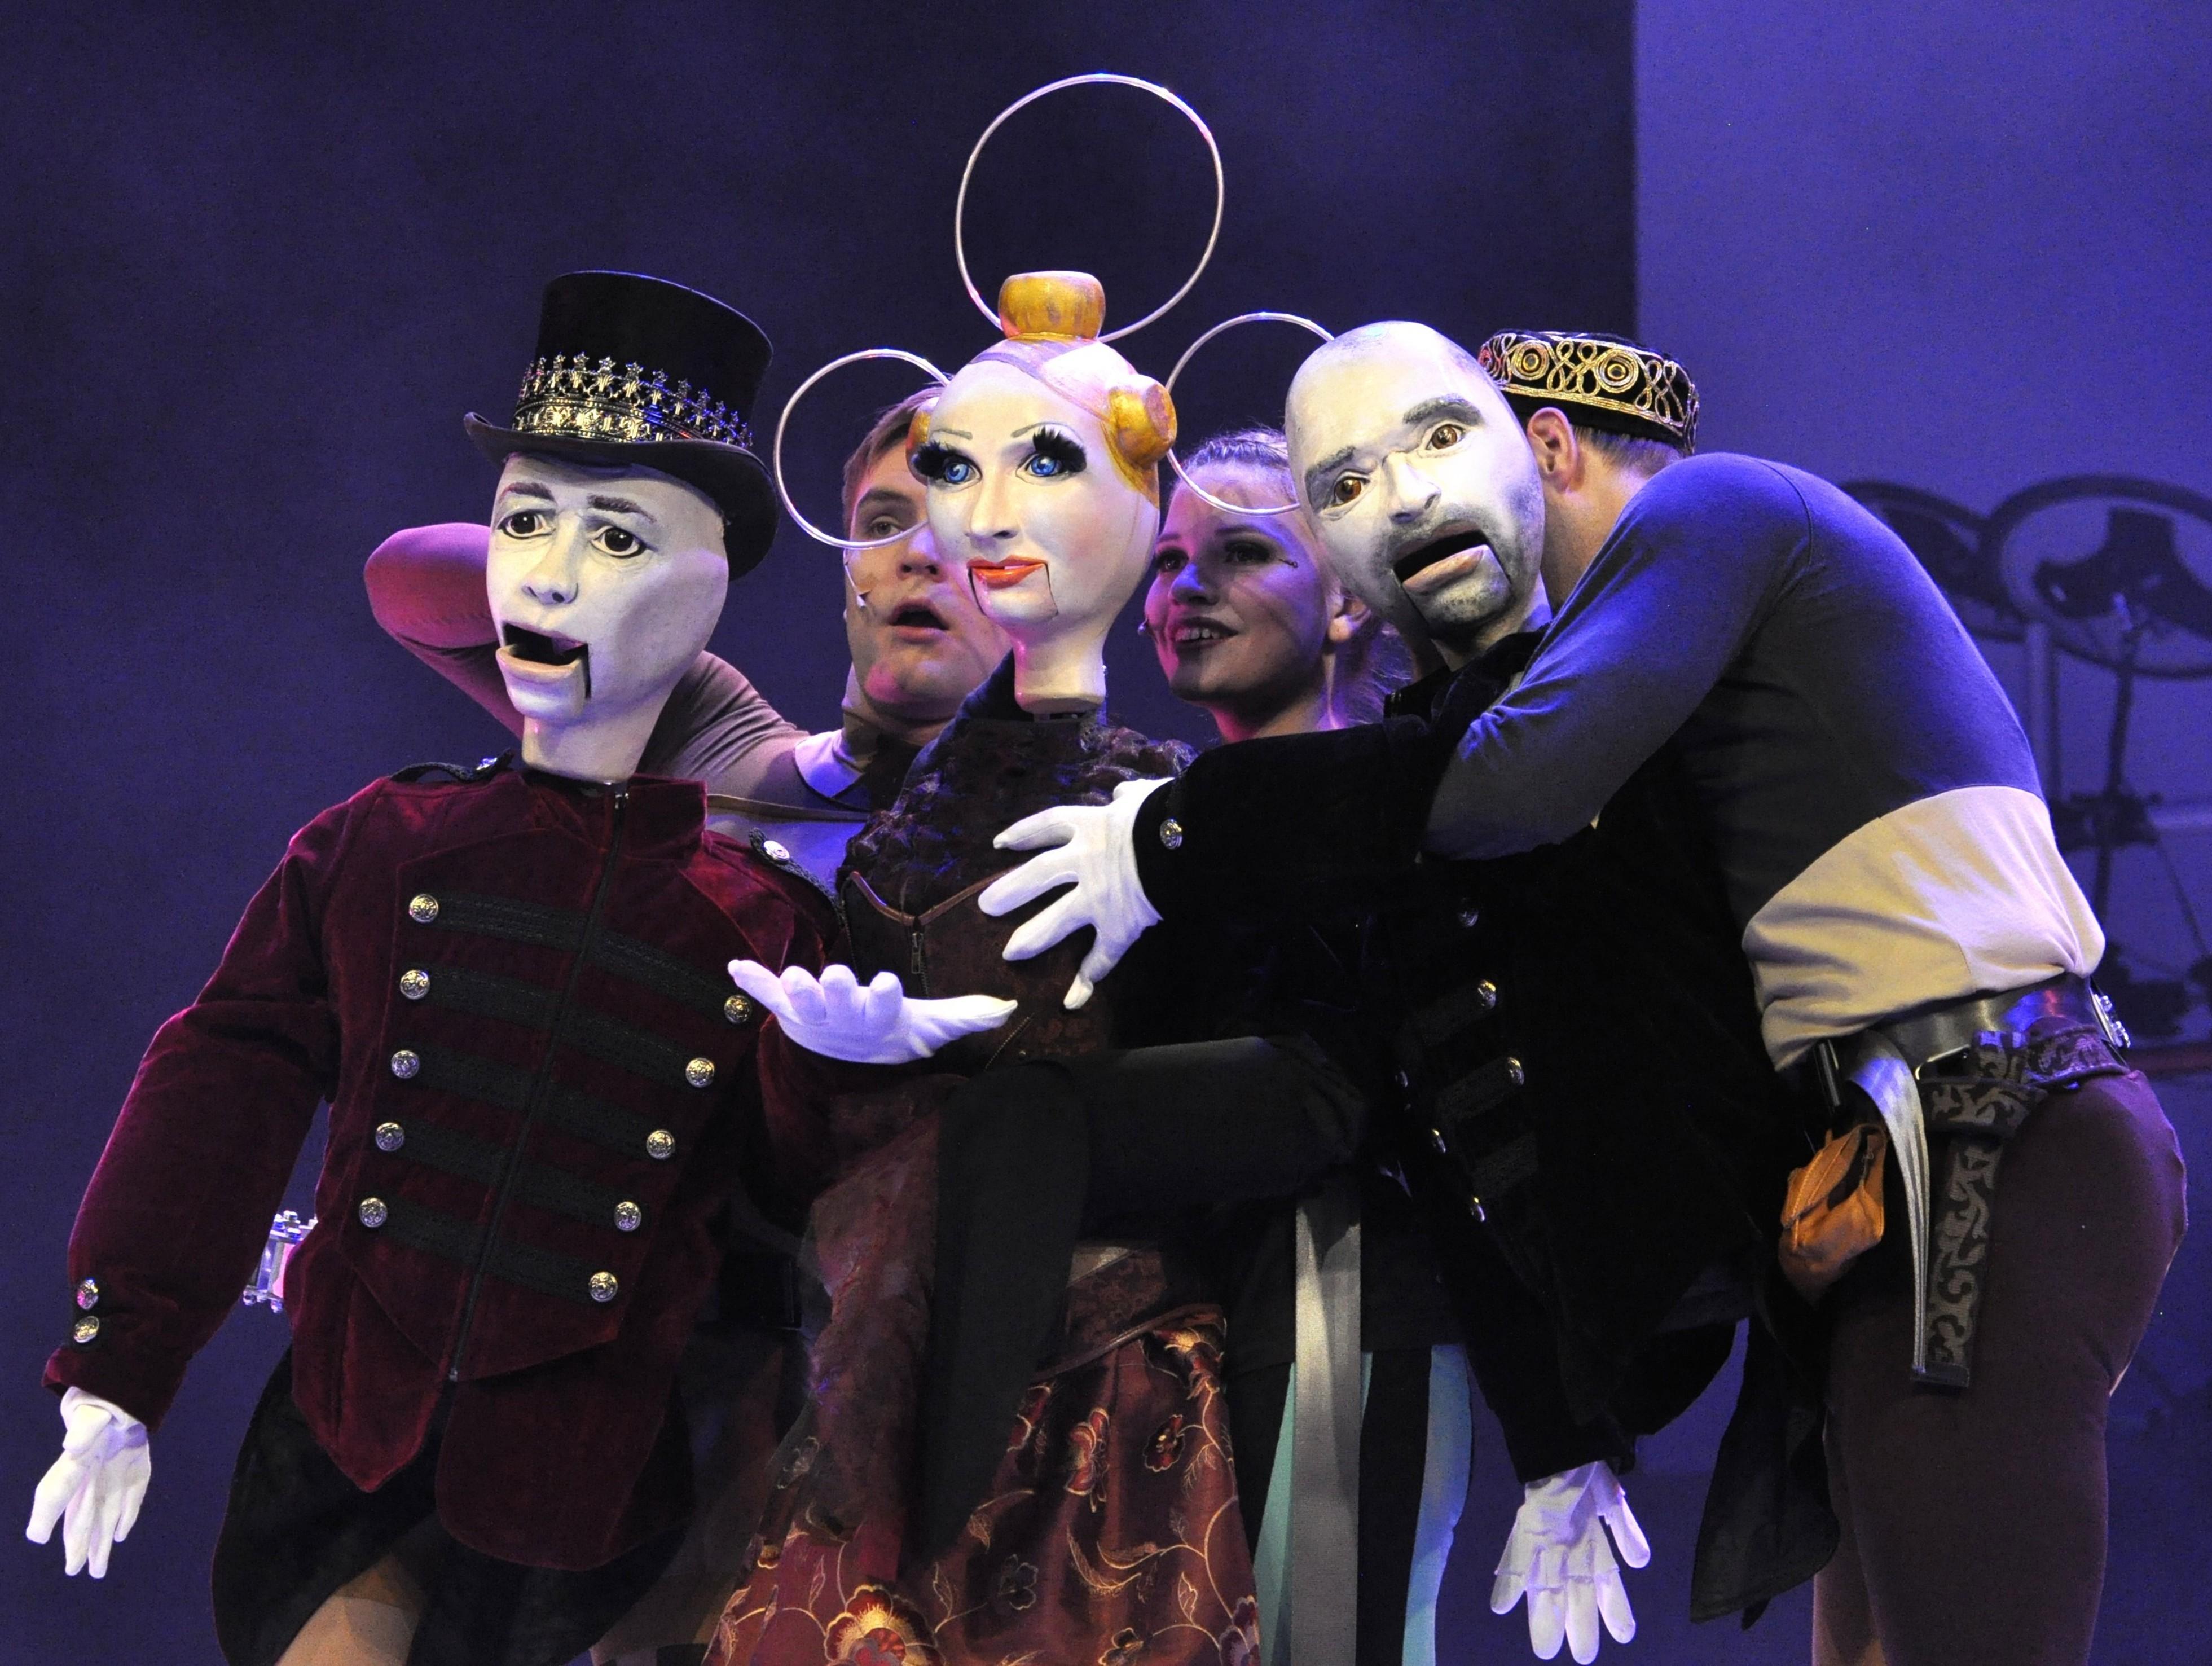 HAMLET 03 Schauspiel im Schauspiel (Philipp Lang, Mona Mucke, Daniel Sprint)